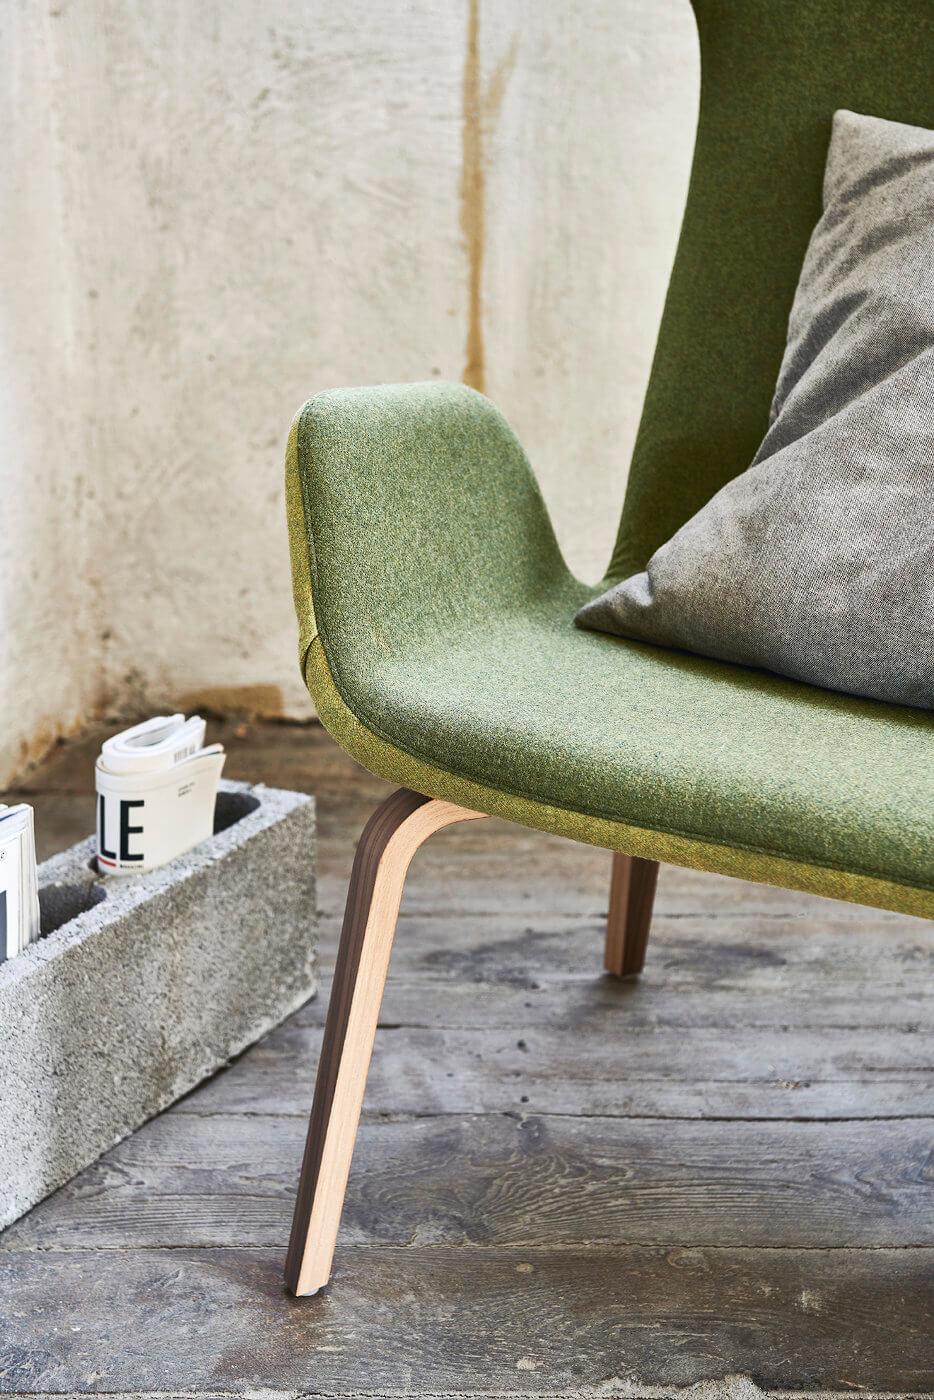 Particolare poltrona Light con seduta in tessuto verde e base in legno. Il modello presenta il retro in tessuto verde chiaro